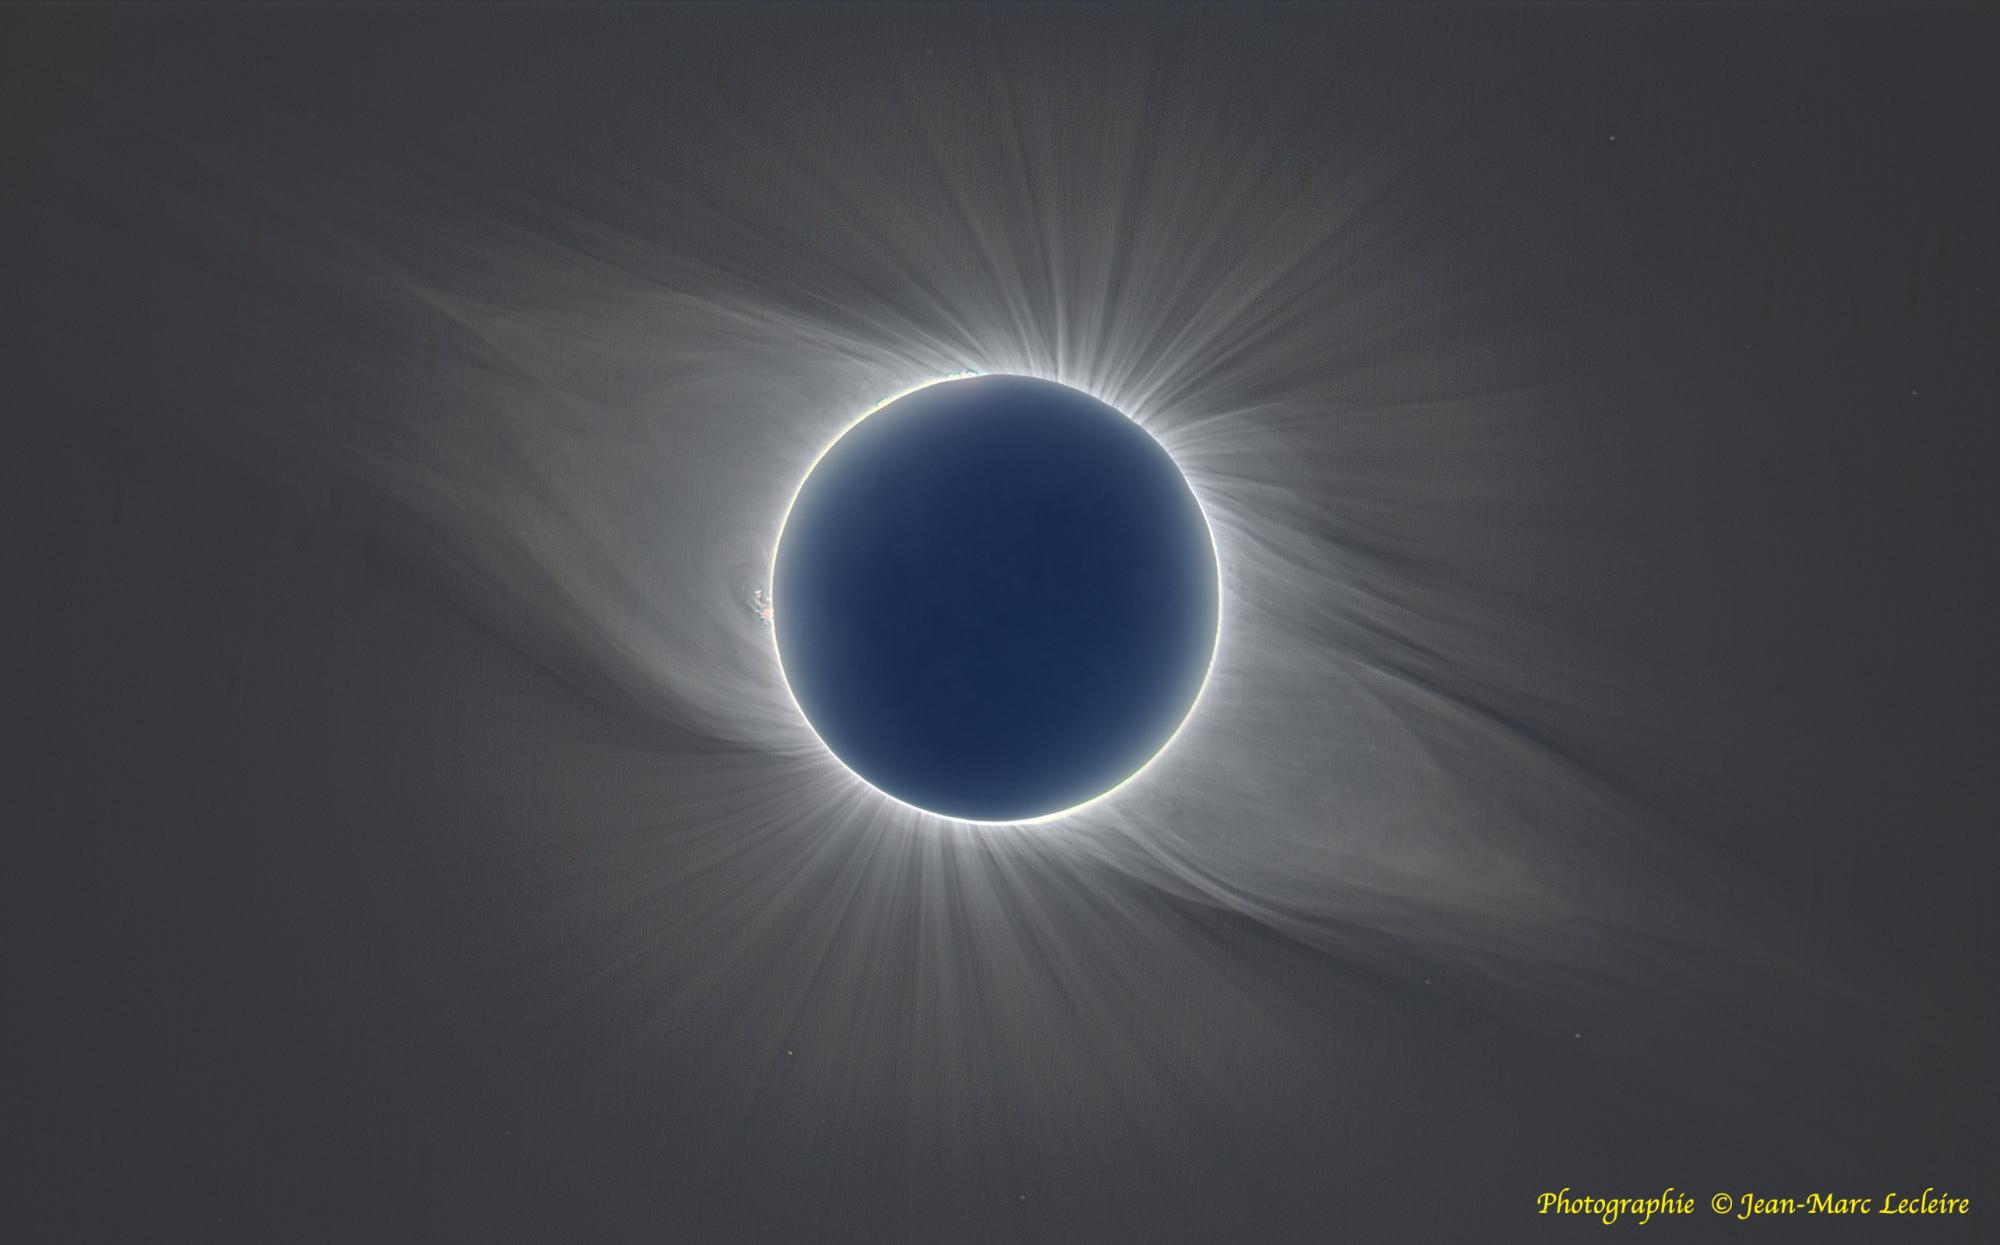 eclipse_02juillet2019_JM-Lecleire.jpg